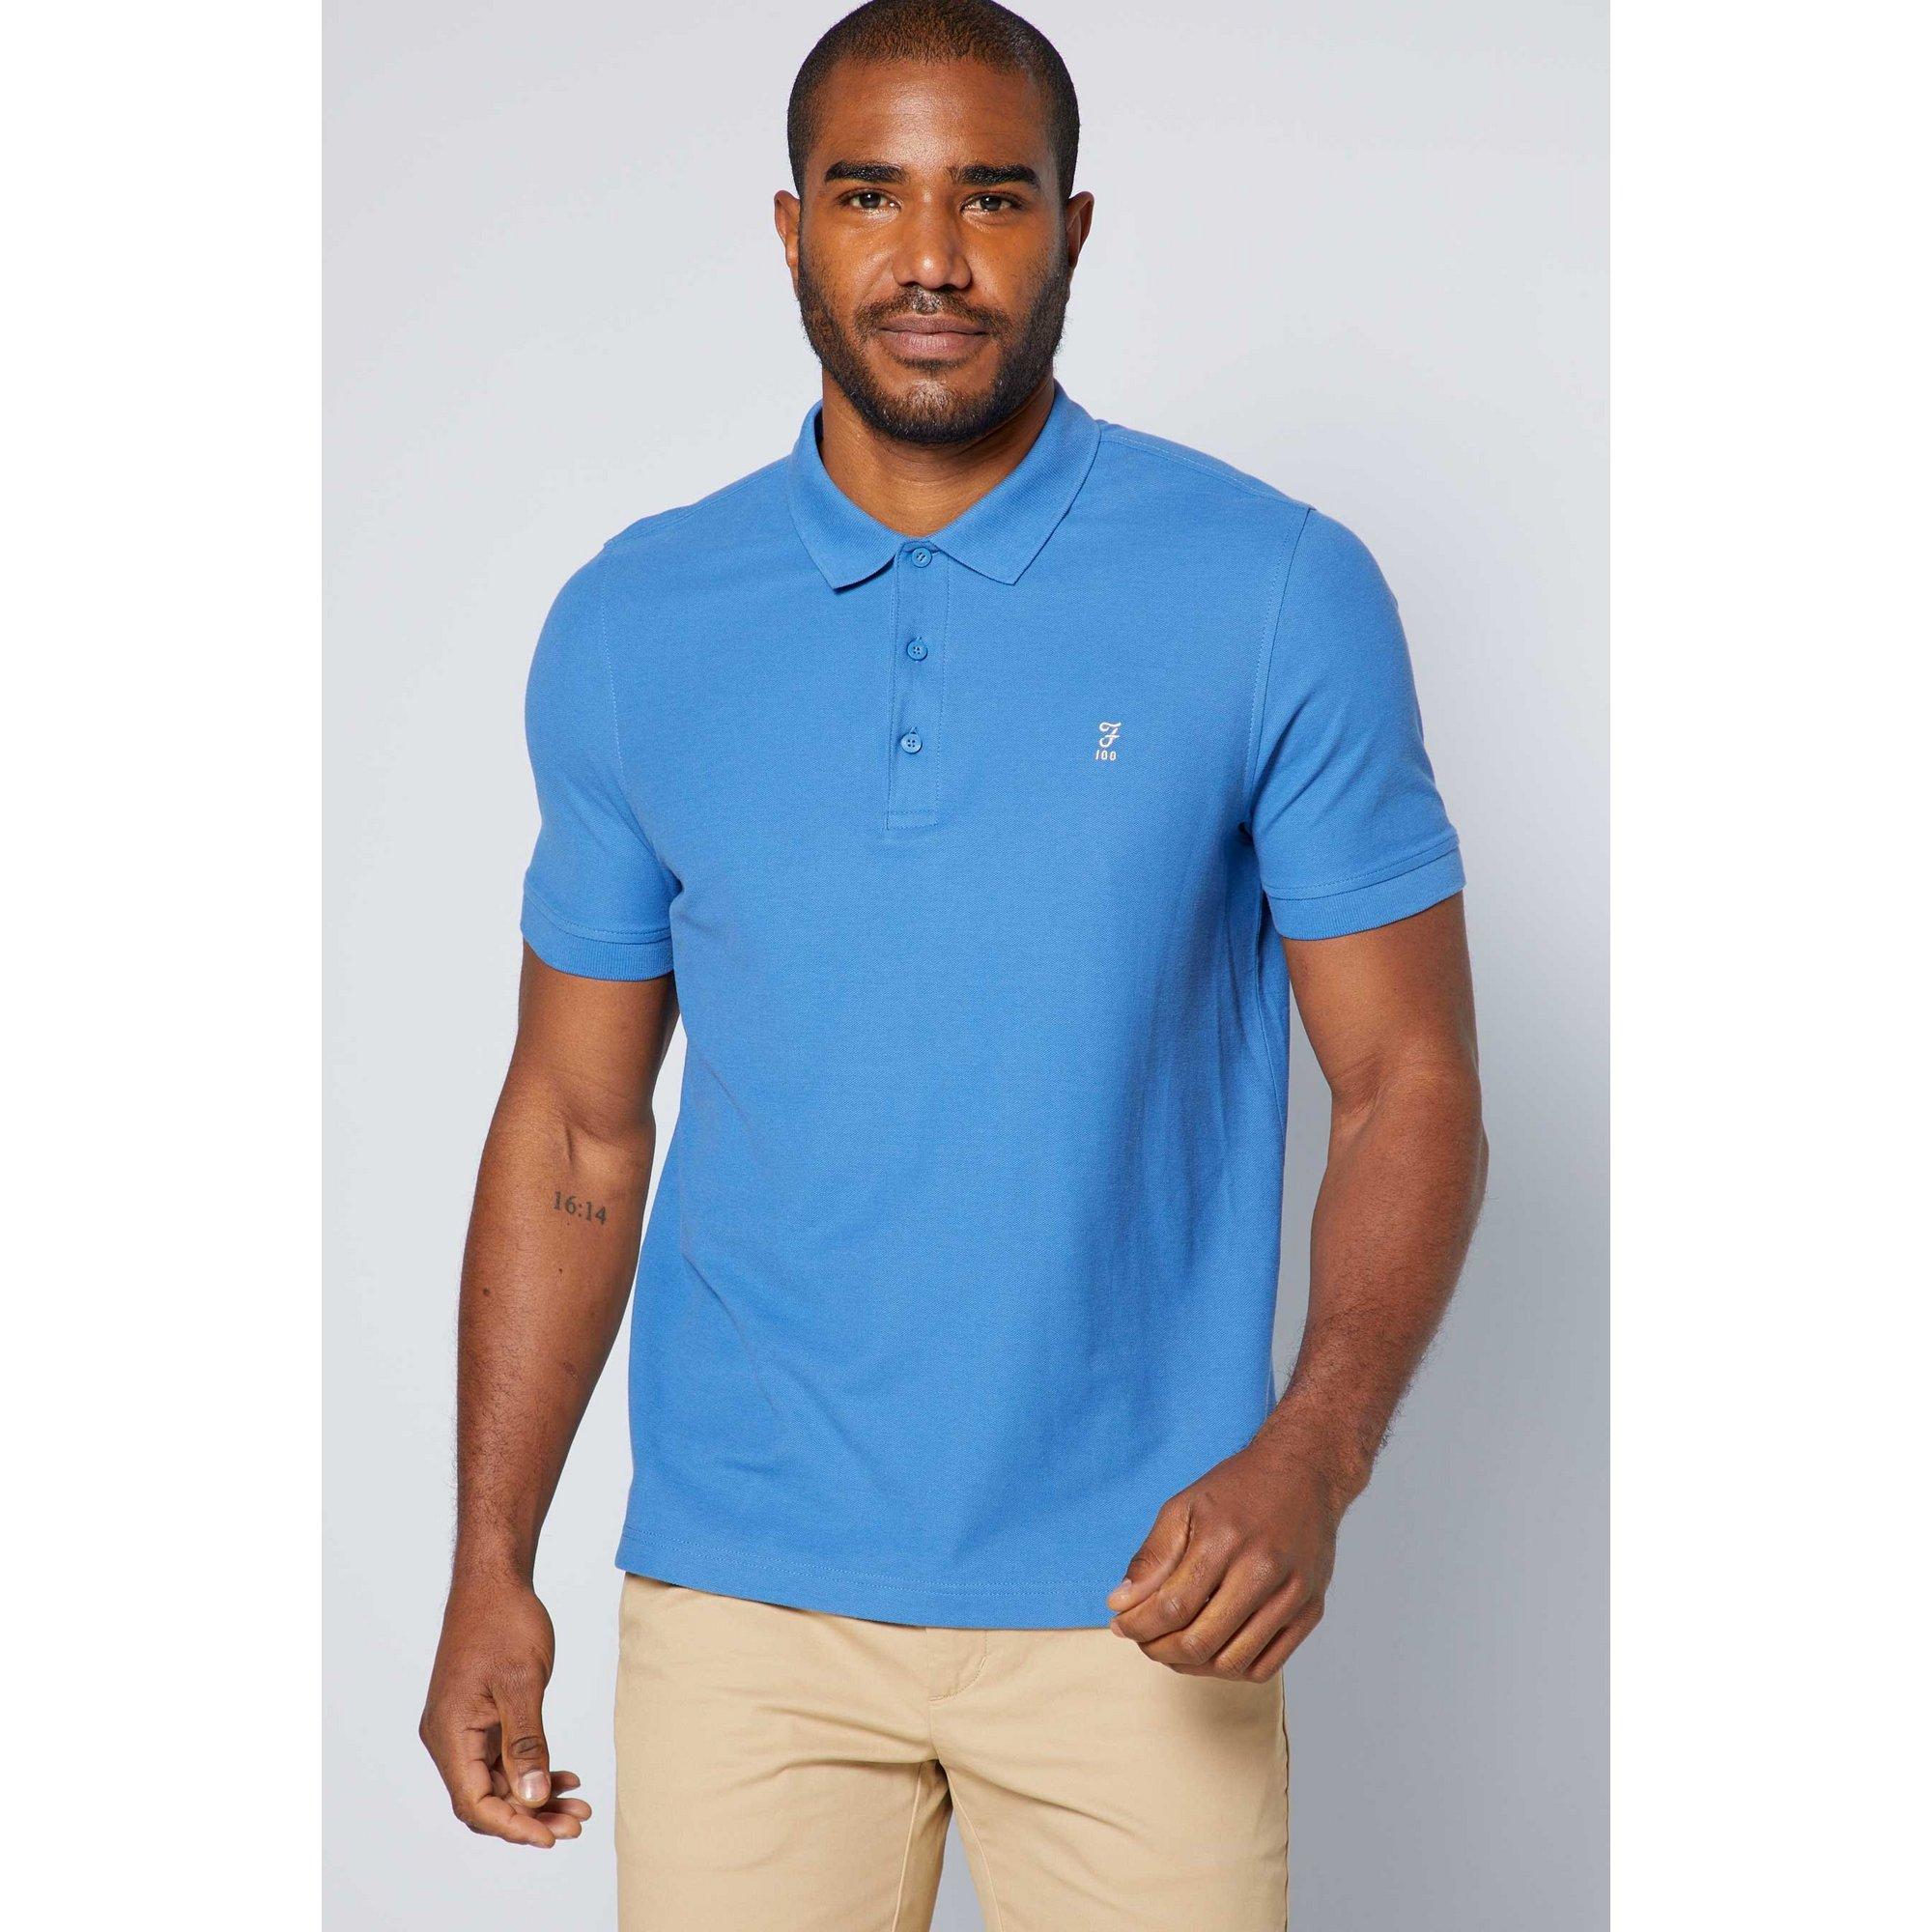 Image of Farah Polo Shirt